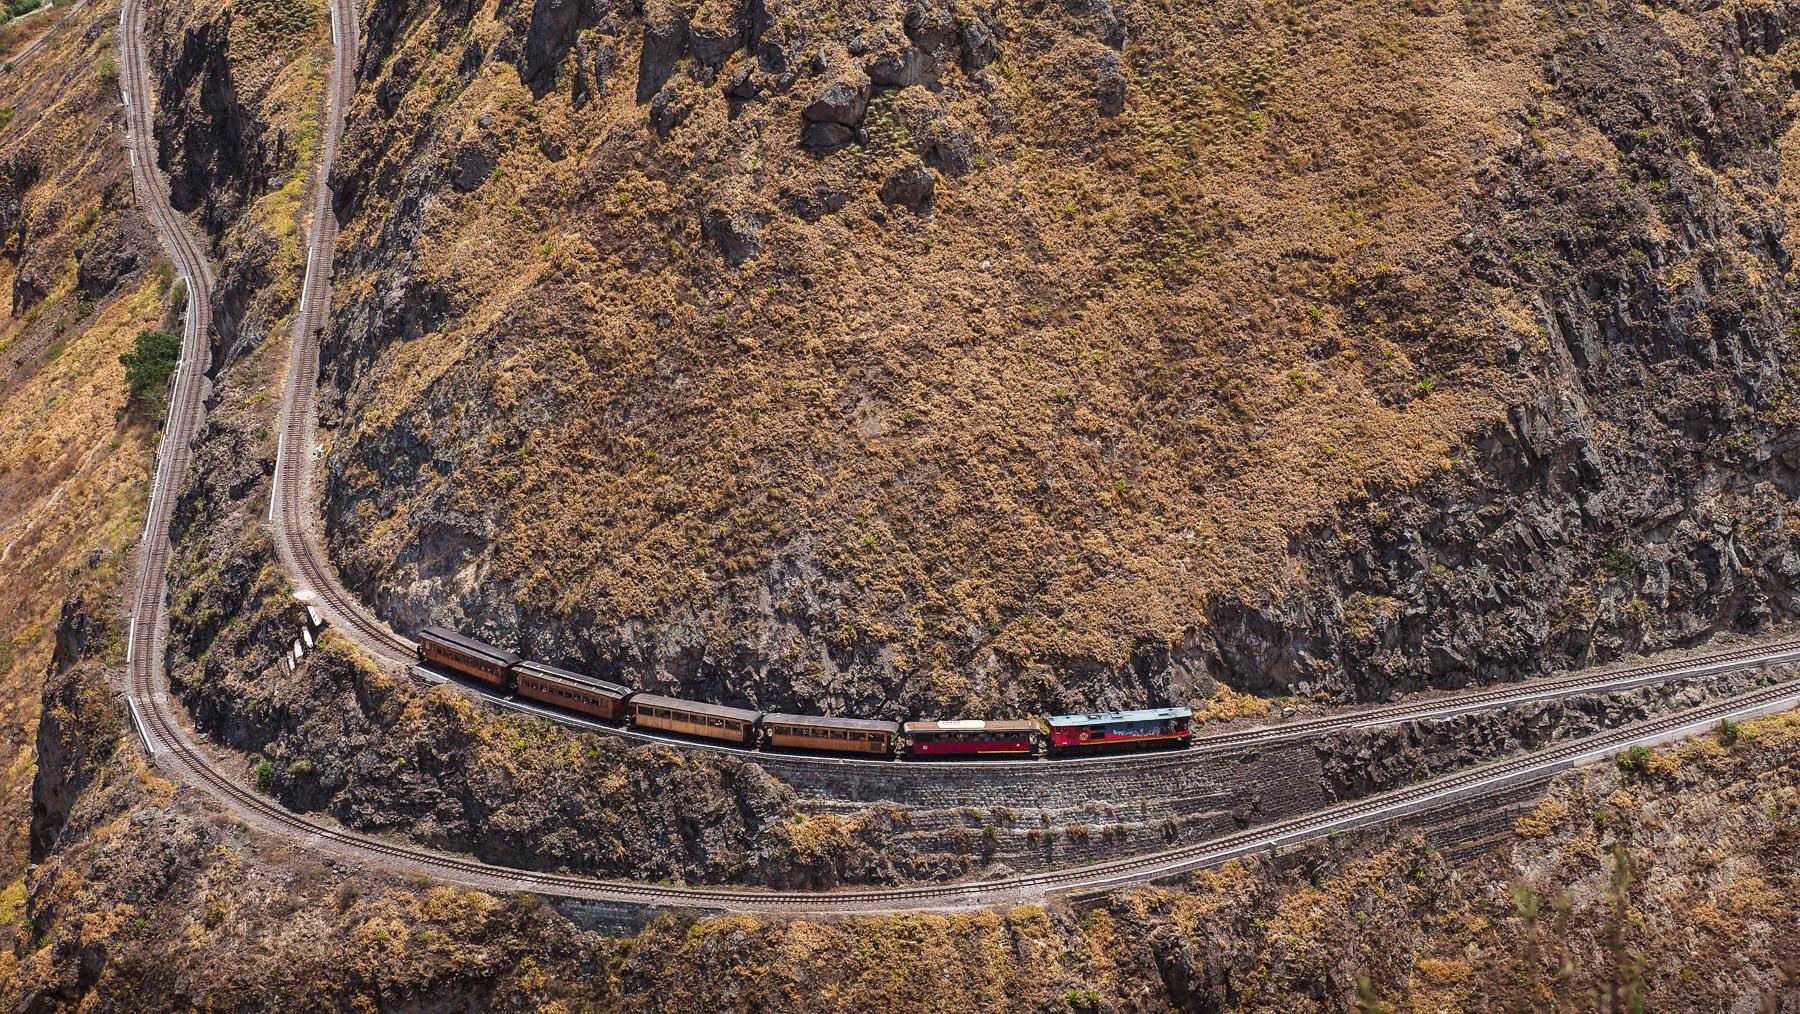 Ab hier fährt der Zug dann rückwärts weiter